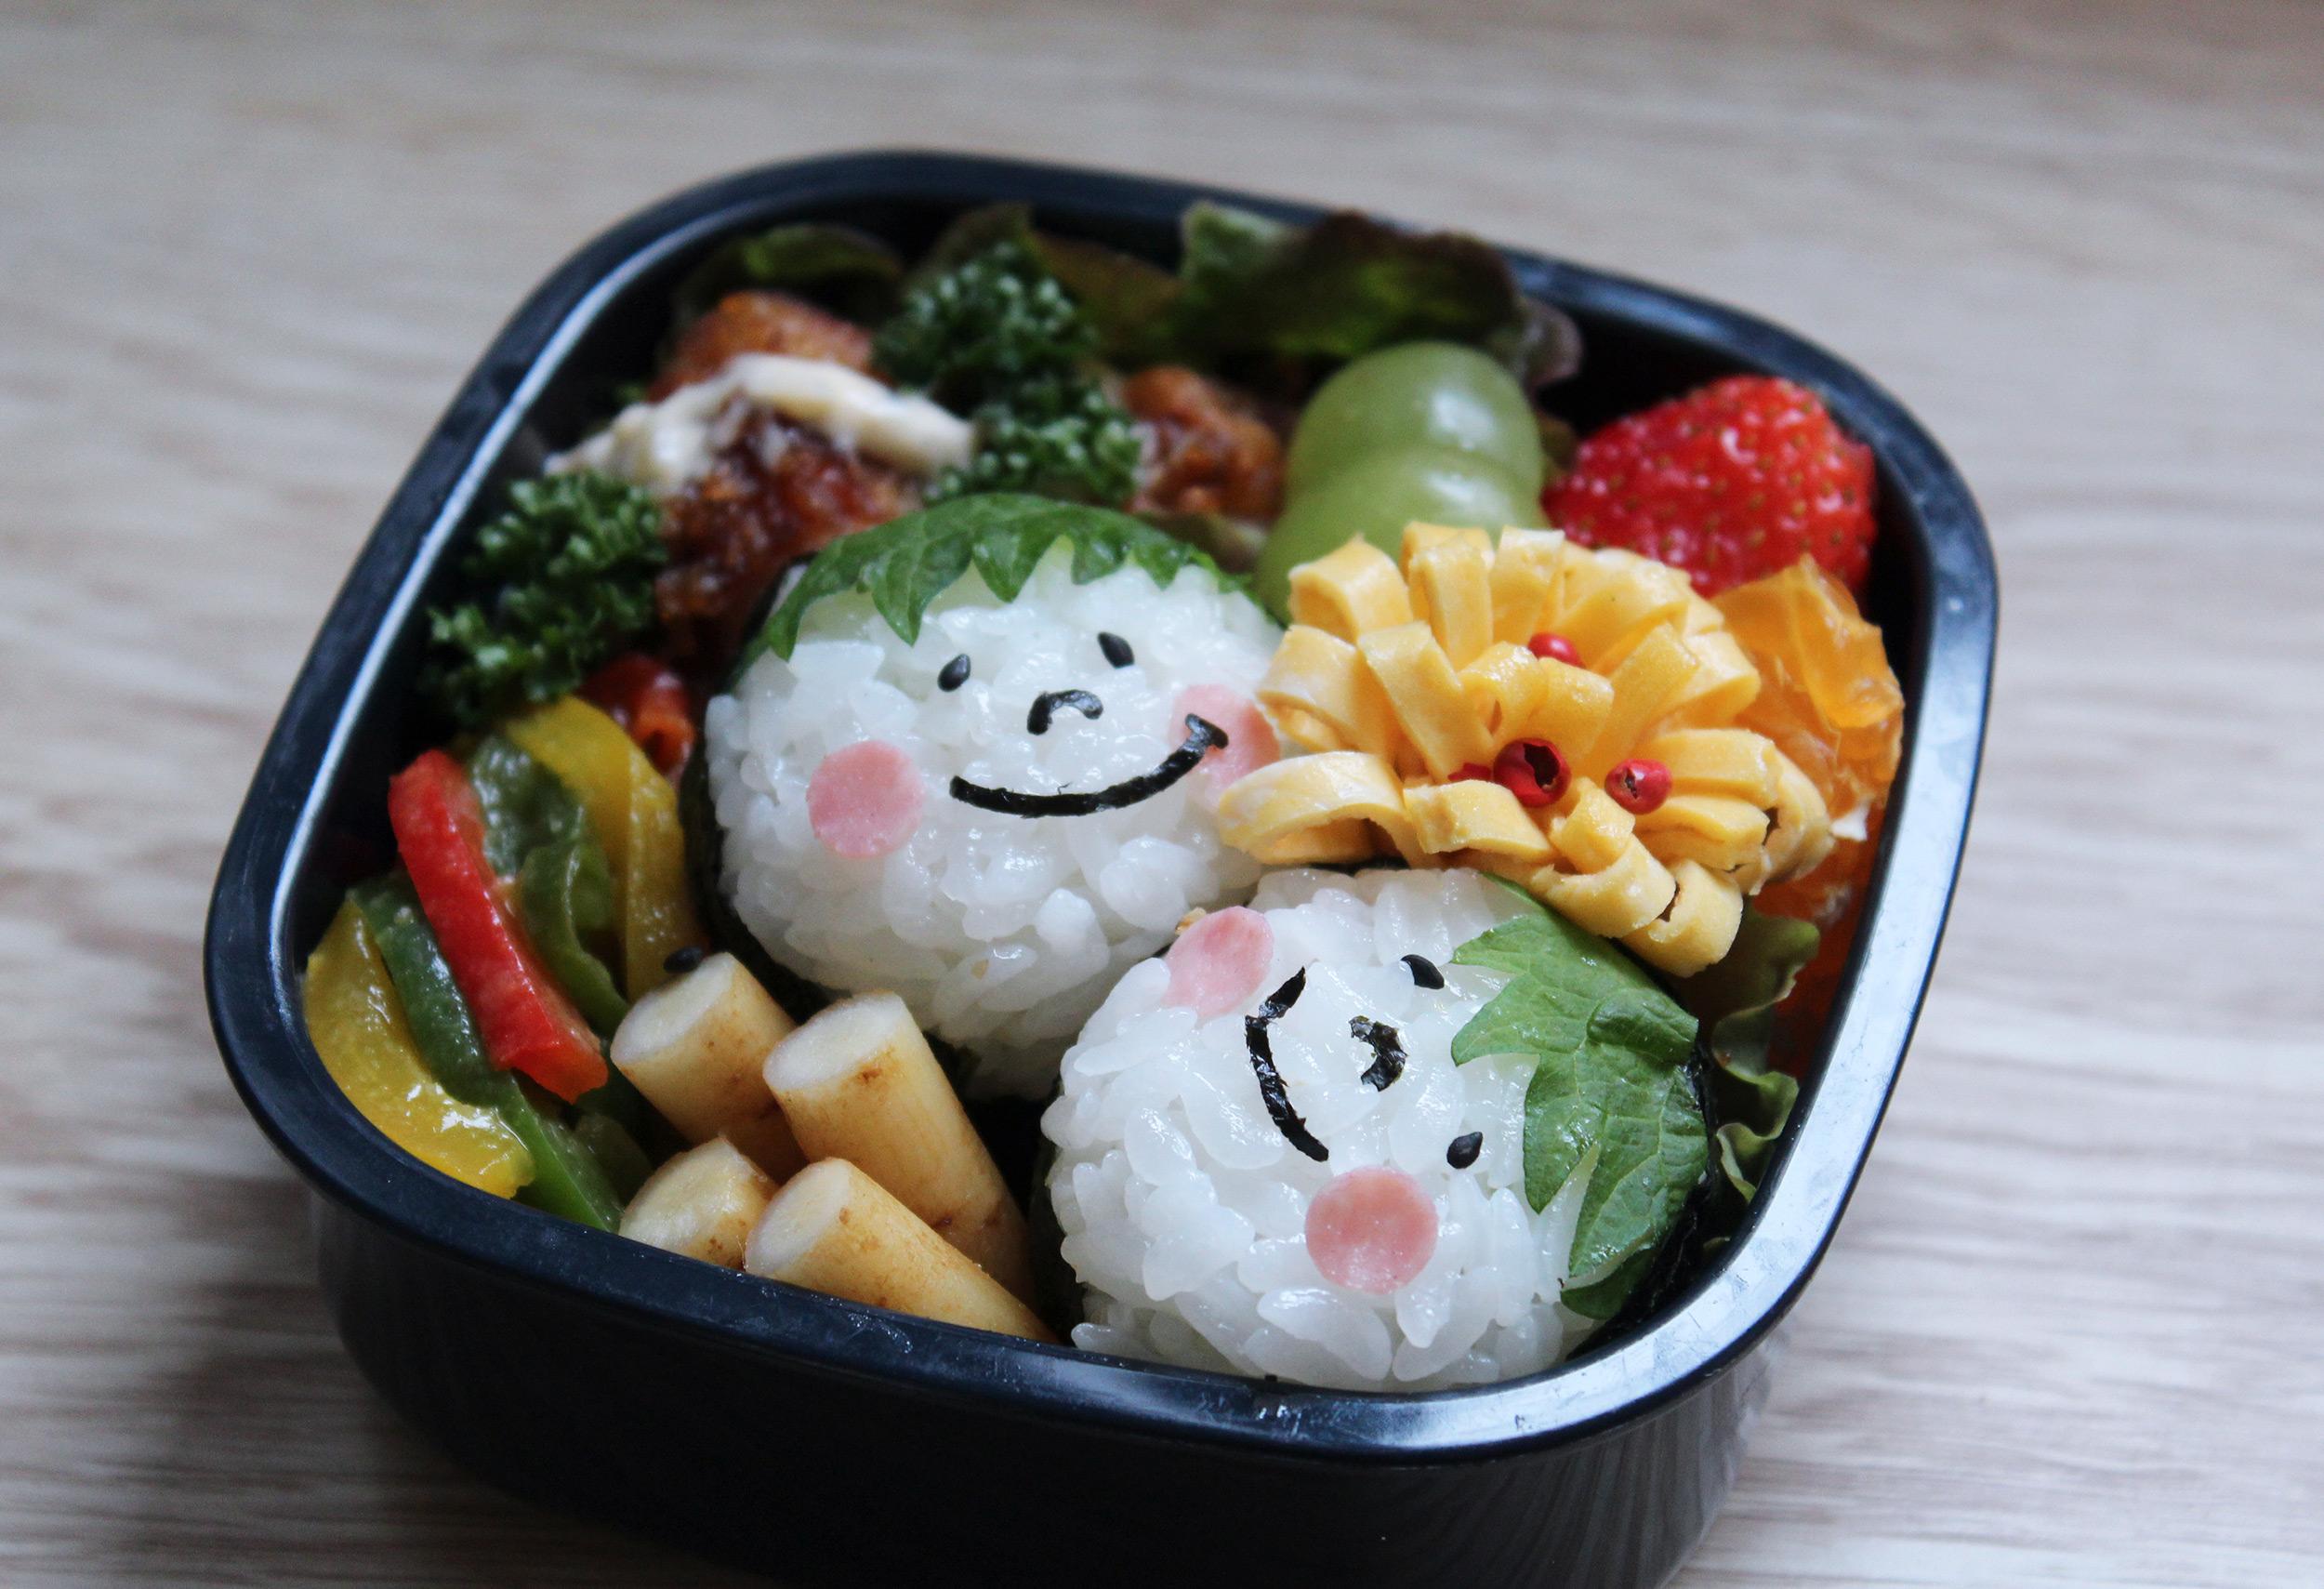 ふたごのお顔おにぎり - お弁当の詰め方と盛り付けのコツ - ピクニックにもおすすめ